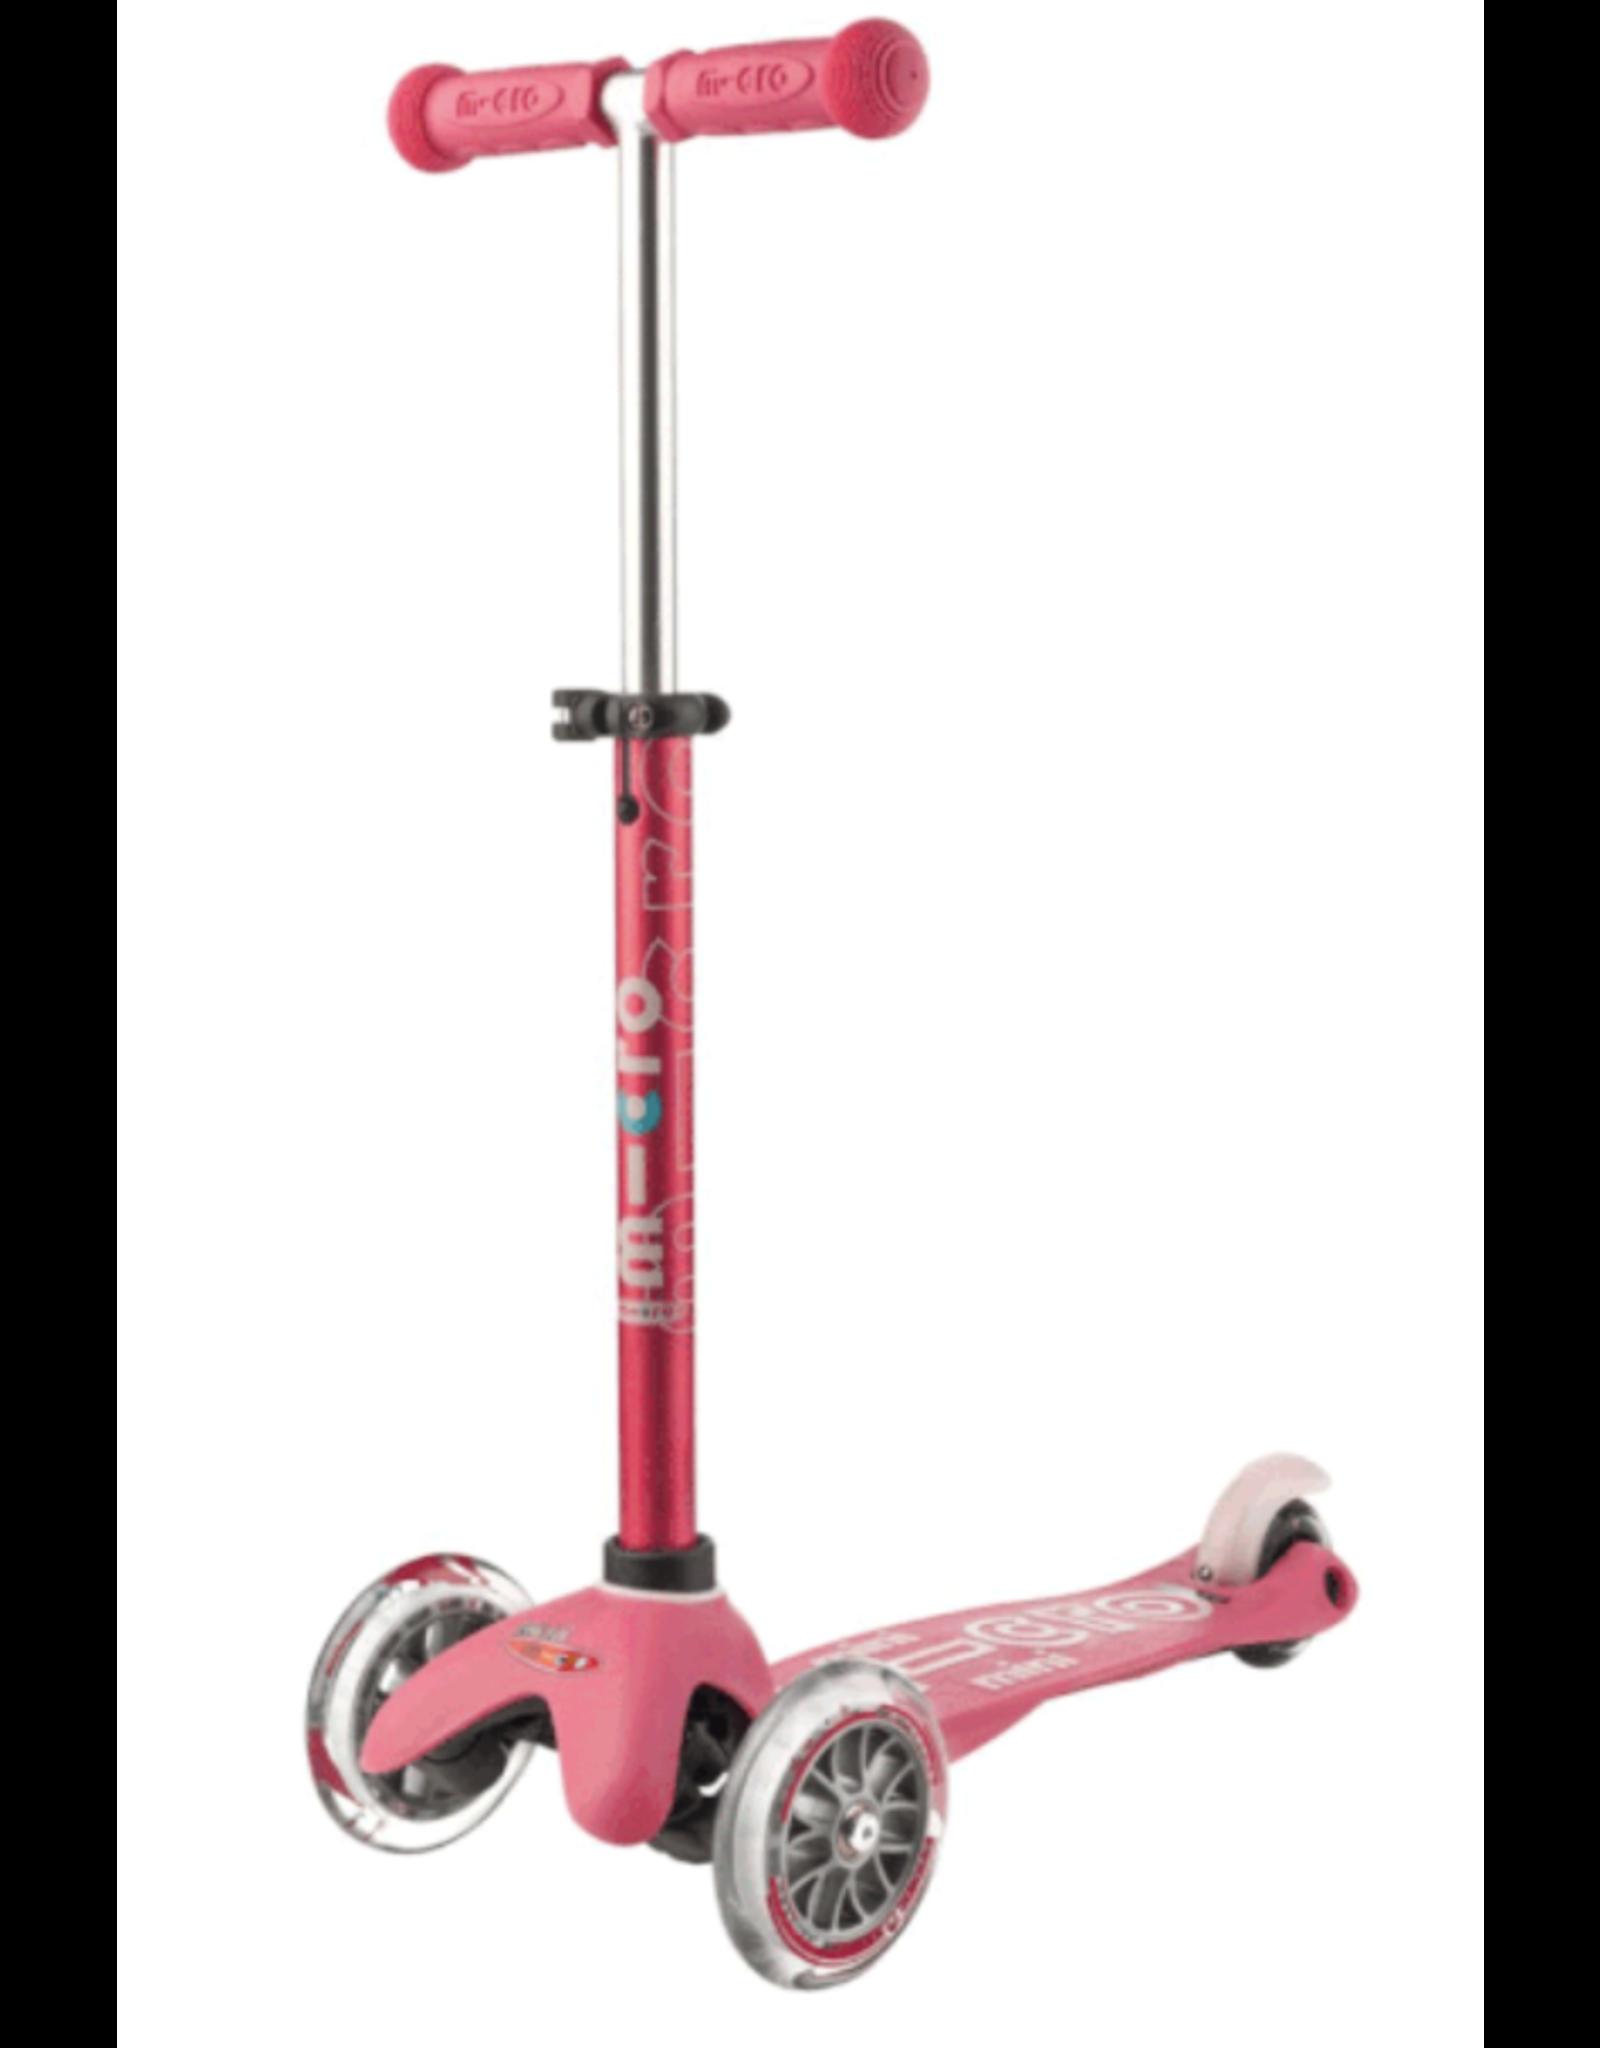 Kickboard Mini Micro DLX Pink